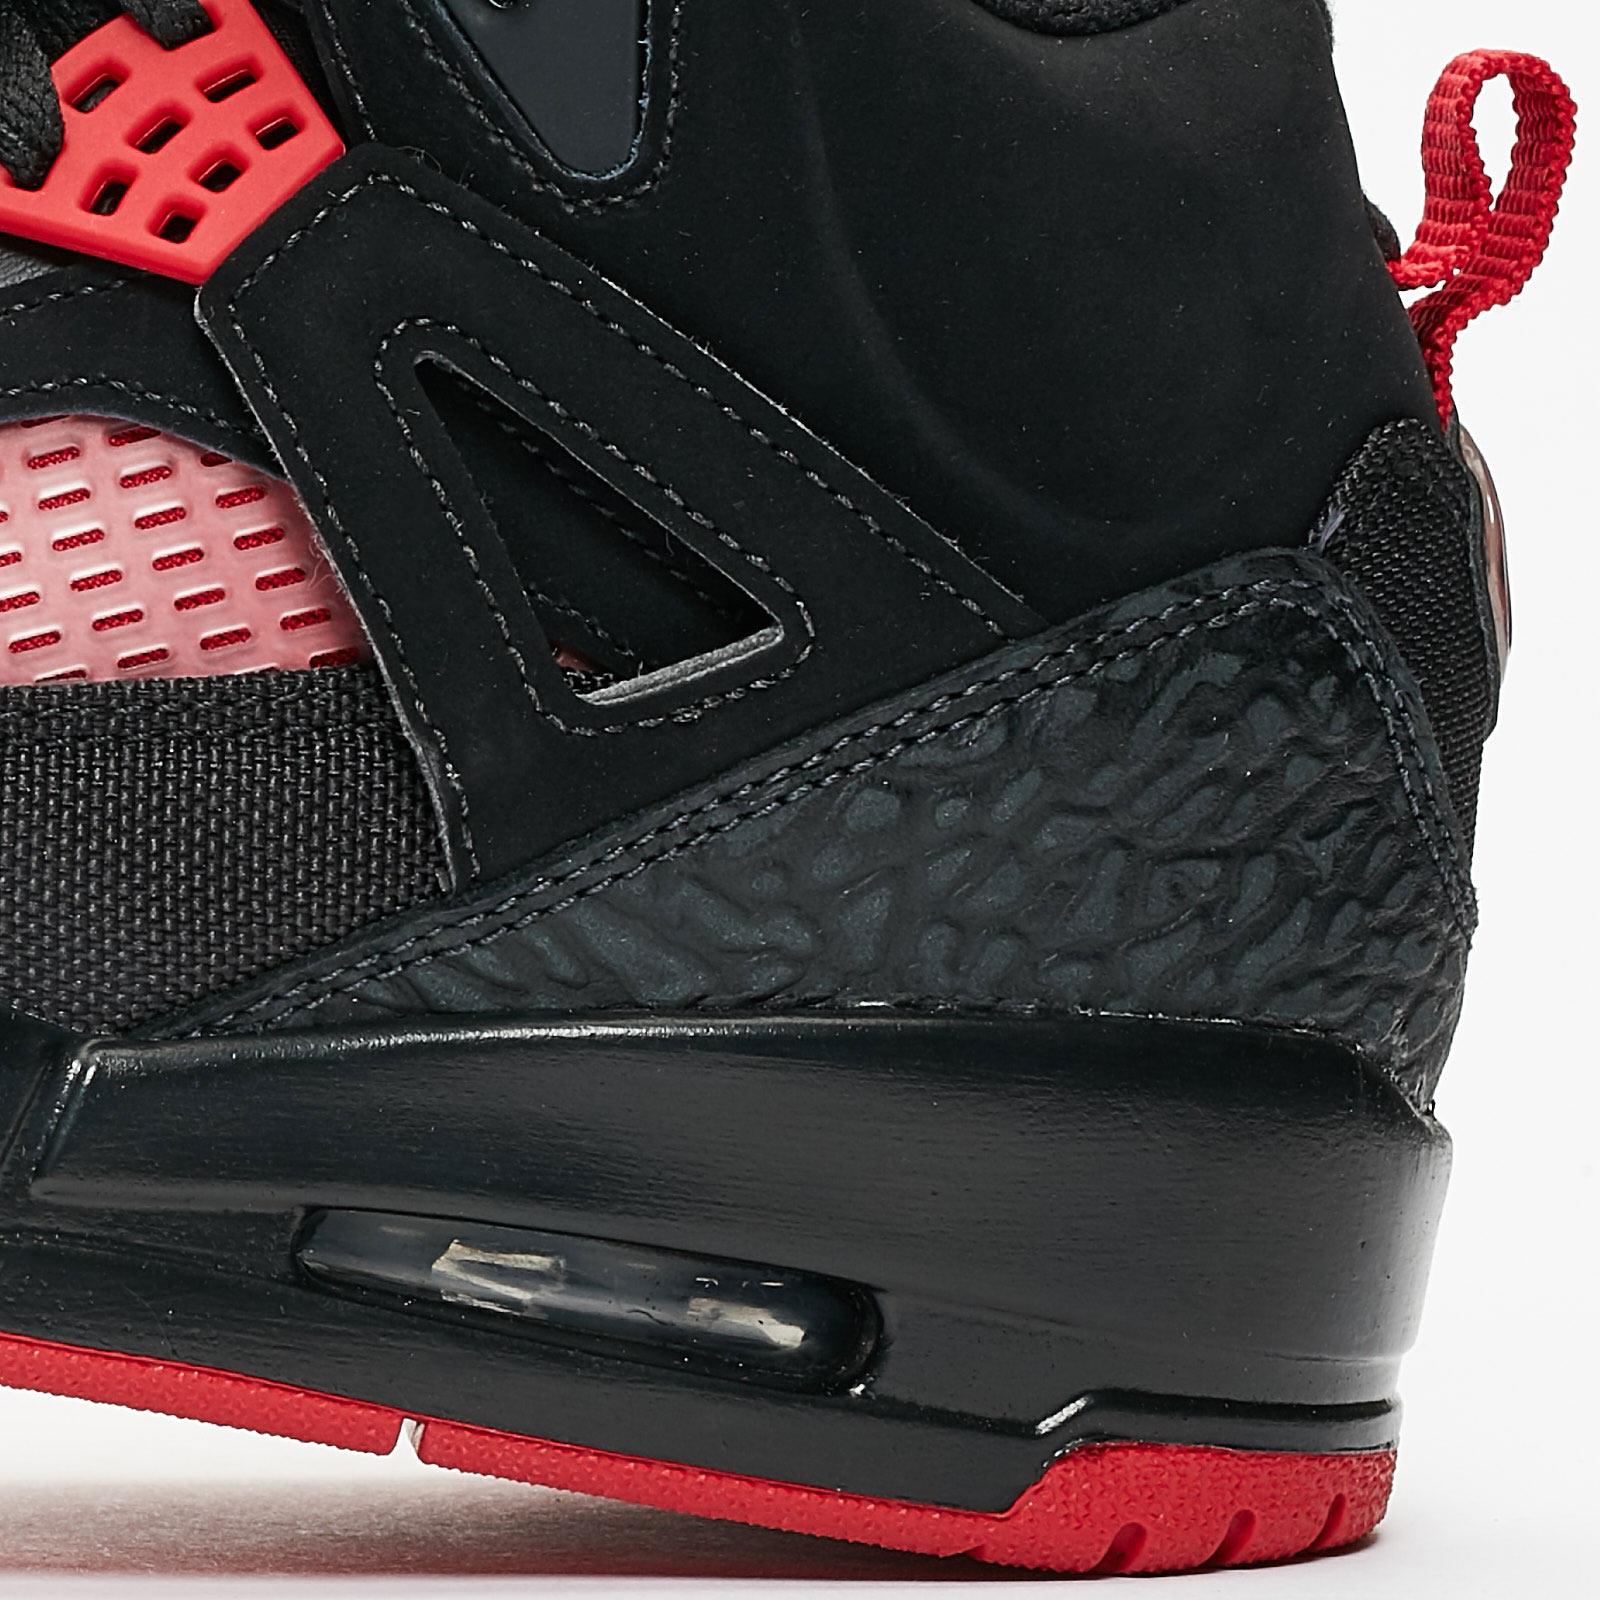 65eb40cab3ec Jordan Brand Jordan Spizike - 315371-006 - Sneakersnstuff I Sneakers ...